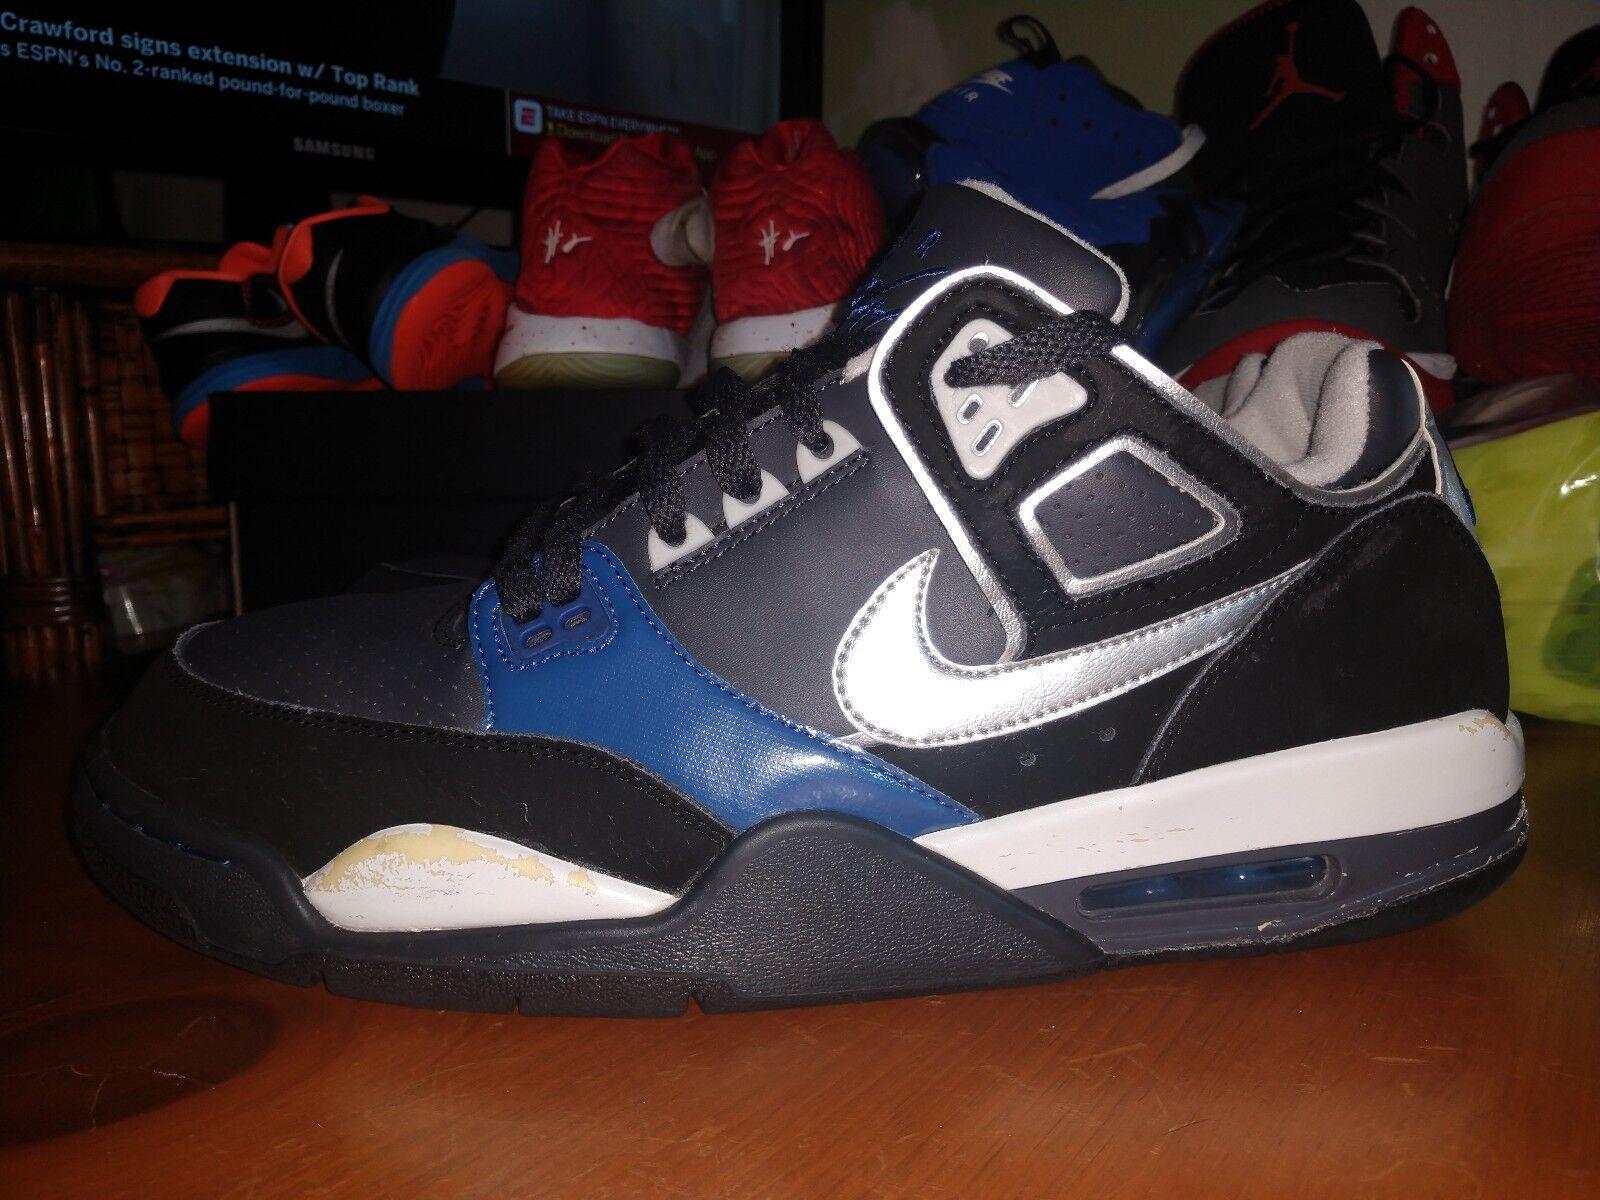 Nike air volo condor (344575-004) argentoo   nero nero nero   blu • sz 12 • • usato   | Facile Da Pulire Surface  8764a0